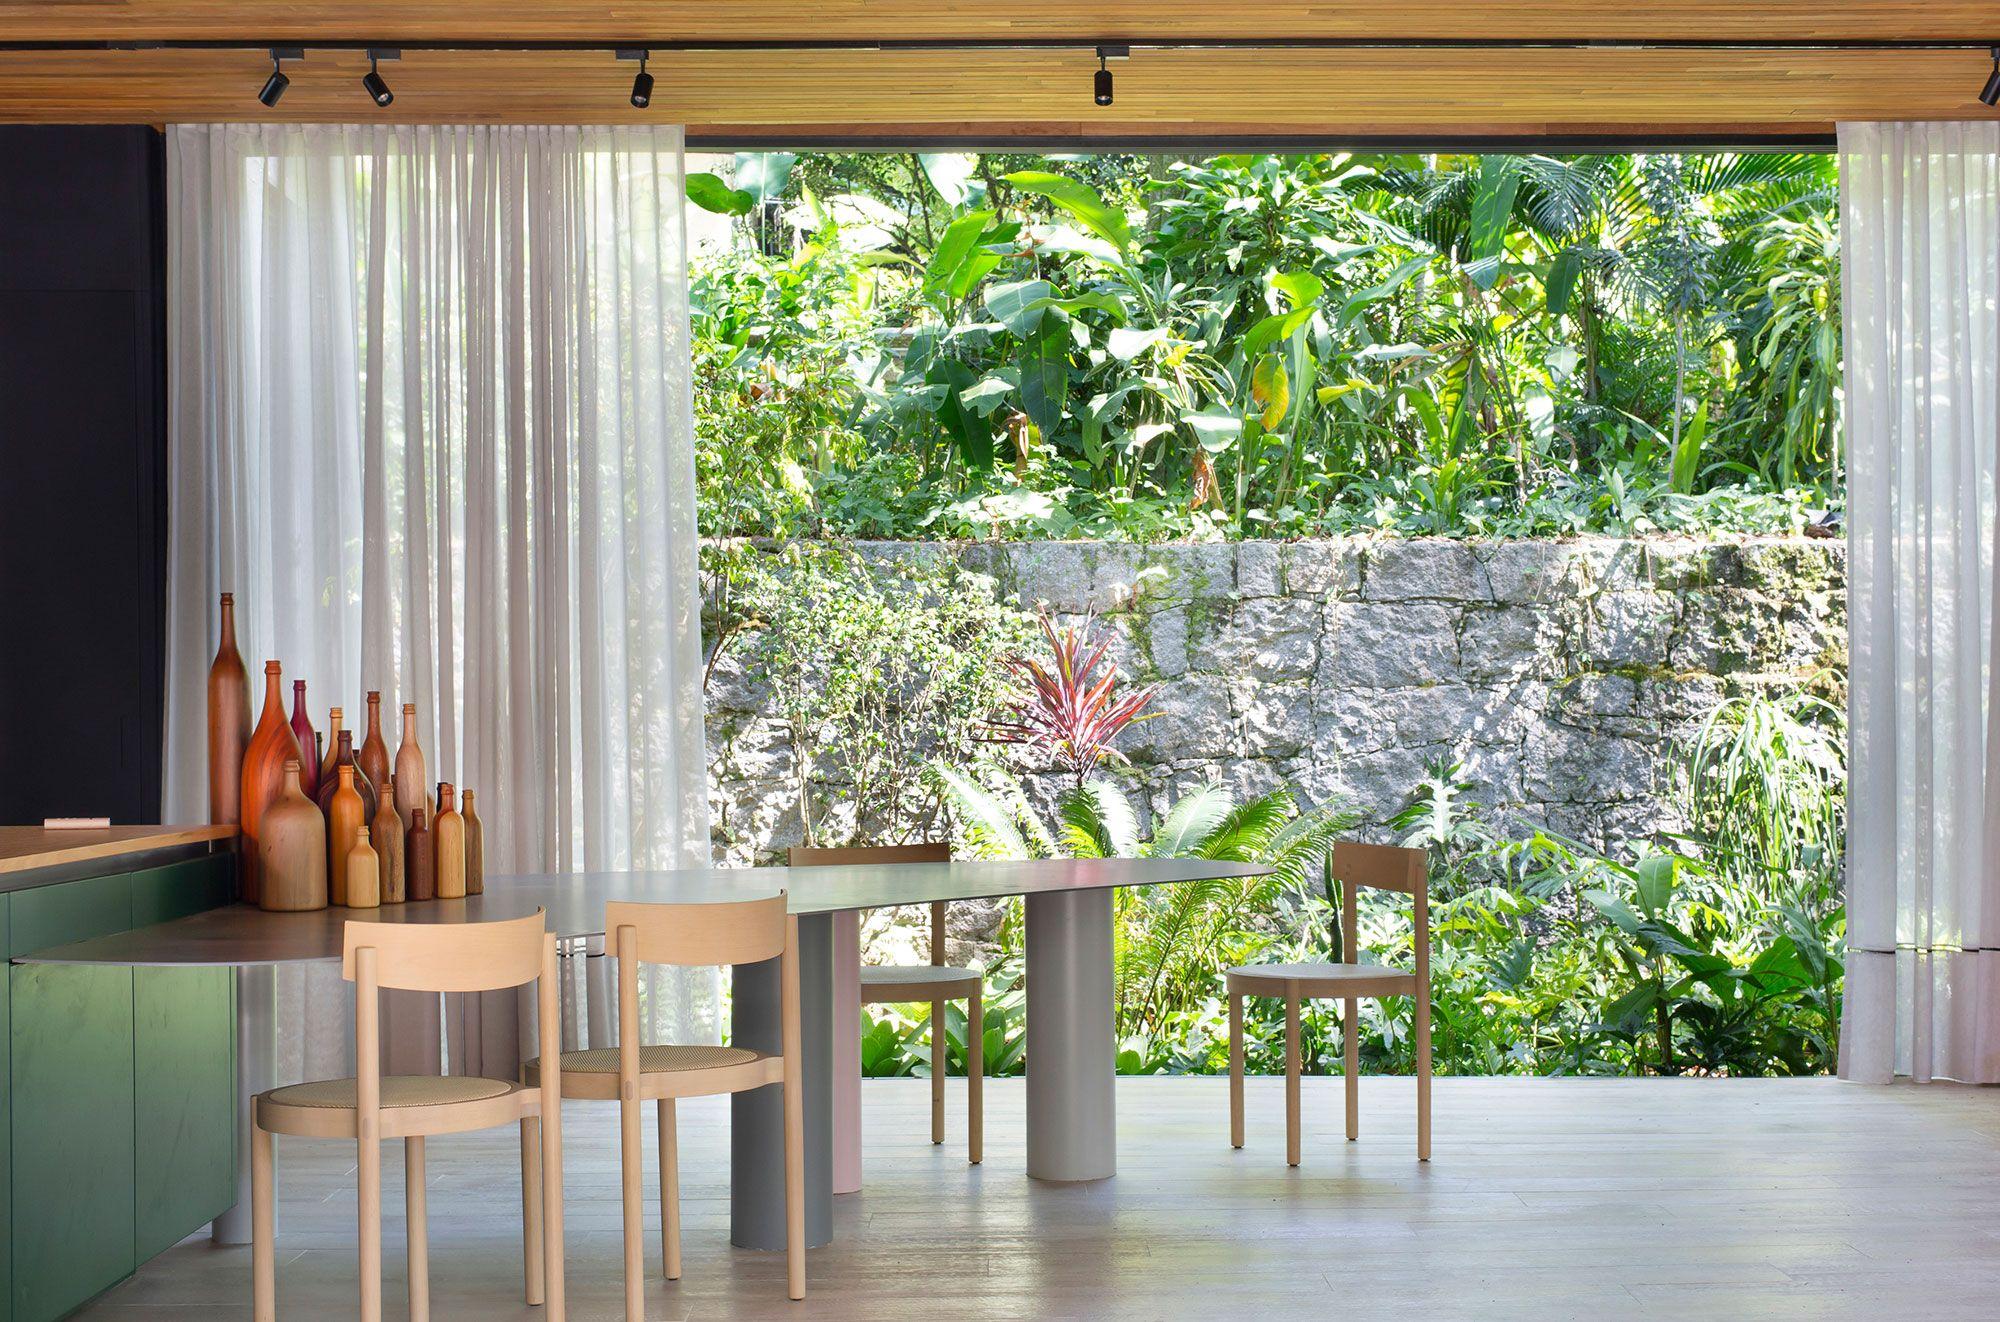 UP3 Arquitetura – Casa UP. Michelle Wilkinson, Thiago Morsh e Cadé Marino. Ambiente da CASACOR Rio 2021.